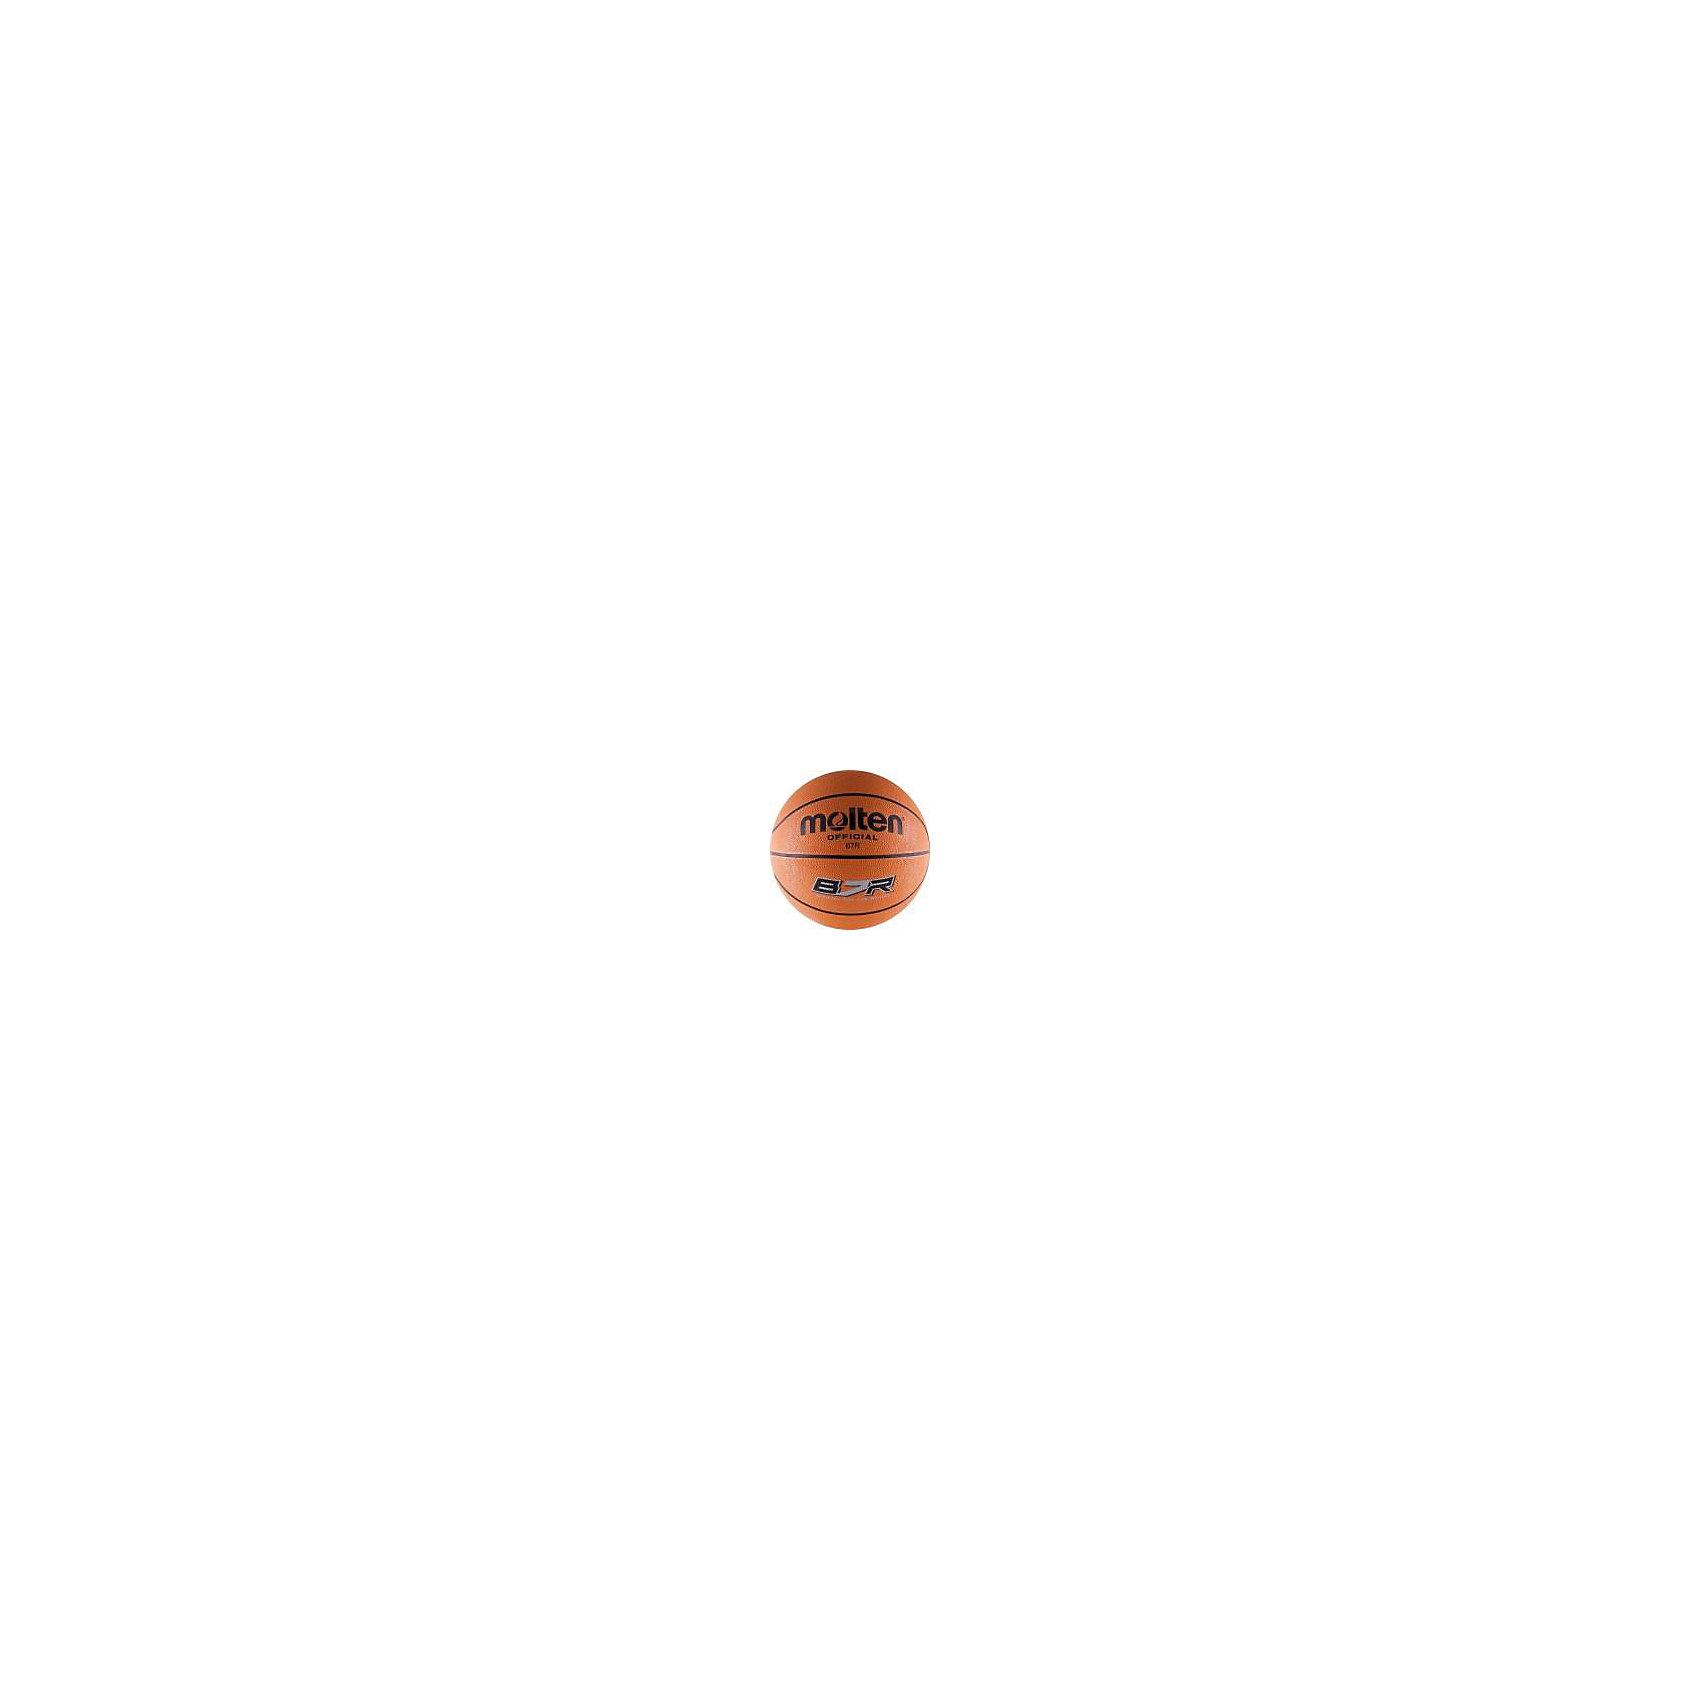 Баскетбольный мяч, B7R, р. 7, резина, оранж., MOLTENМячи детские<br>Основные характеристики<br><br>Вид: баскетбольный<br>Уровень игры: любительский<br>Размер: 7<br>Количество панелей: 8<br>Тип соединения панелей: клееный<br>Вес: 610гр<br>Окружность: 74.9-78см<br>Цвет основной: оранжевый<br>Цвет дополнительный: черный<br>Материал камеры: латексно-бутиловая<br>Материал обмотки камеры: нейлон<br>Материал покрышки: резина<br>Мяч подходит для игры на улице и в зале<br>Страна-производитель: Таиланд <br>Упаковка: пакет (поставляется в сдутом виде)<br><br>Ширина мм: 260<br>Глубина мм: 260<br>Высота мм: 50<br>Вес г: 610<br>Возраст от месяцев: 36<br>Возраст до месяцев: 192<br>Пол: Унисекс<br>Возраст: Детский<br>SKU: 5056630